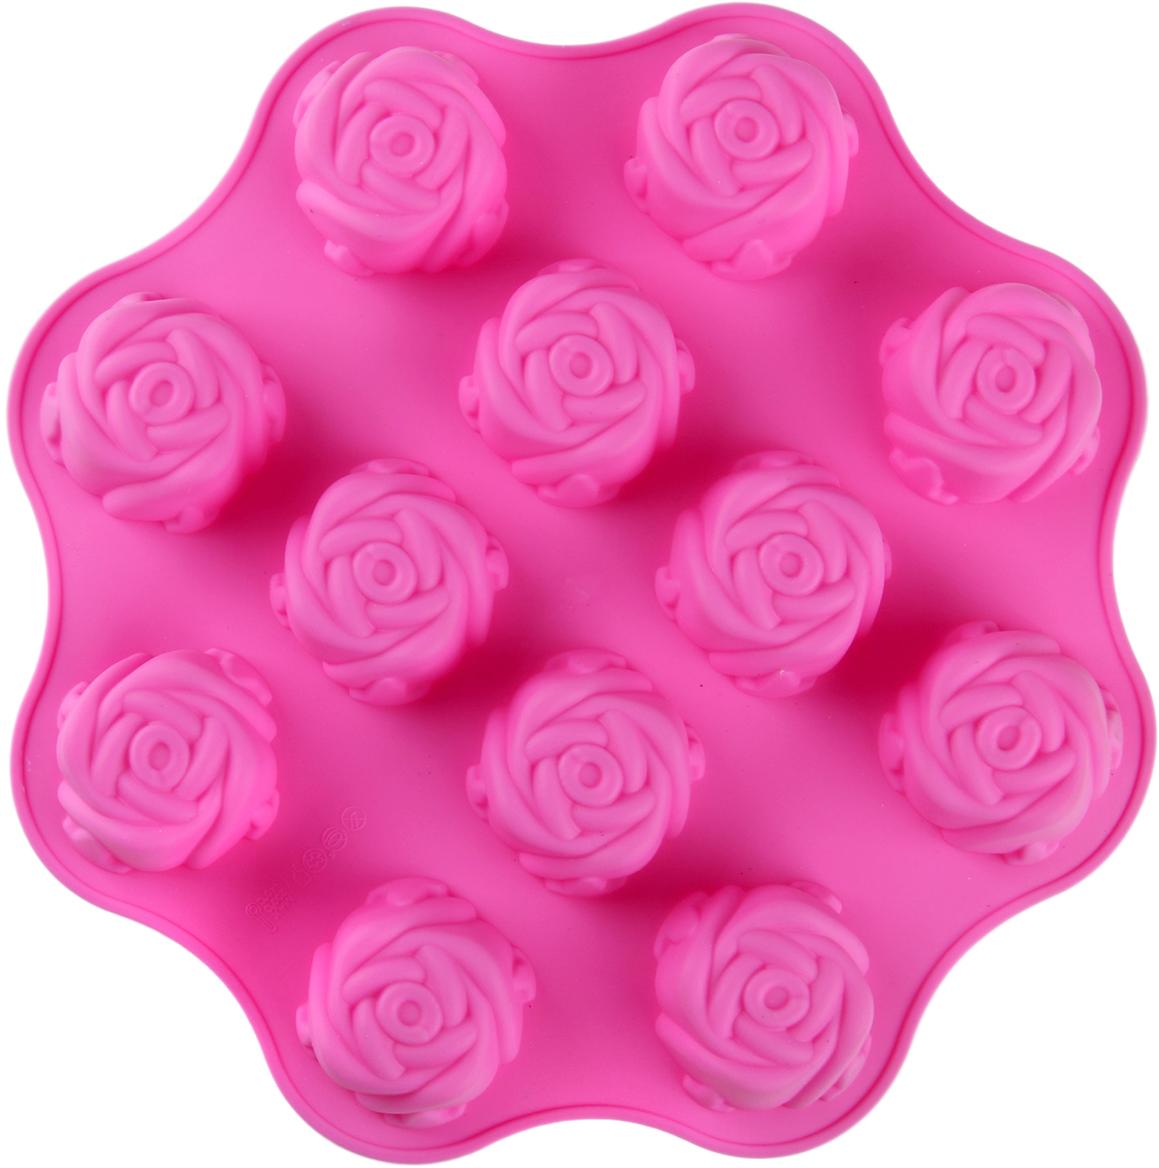 Форма для выпечки Доляна Море роз, цвет: розовый, 12 ячеек, 25 х 25 х 3 см1000374_розовыйФорма для выпечки из силикона — современное решение для практичных и радушных хозяек. Оригинальный предмет позволяет готовить вкуснейшую выпечку — кексы, запеканки и печенье. Почему это изделие должно быть на кухне? блюдо сохраняет нужную форму и легко отделяется от стенок после приготовления; высокая термостойкость (от –40 до 230 ?) позволяет применять форму в духовых шкафах и морозильных камерах; небольшая масса делает эксплуатацию предмета простой даже для хрупкой женщины; силикон пригоден для посудомоечных машин; высокопрочный материал делает форму долговечным инструментом; при хранении предмет занимает мало места. Советы по использованию формы Перед первым применением промойте предмет теплой водой. В процессе приготовления используйте кухонный инструмент из дерева, пластика или силикона. Перед извлечением блюда из силиконовой формы дайте ему немного остыть, осторожно отогните края предмета. Готовьте с удовольствием!